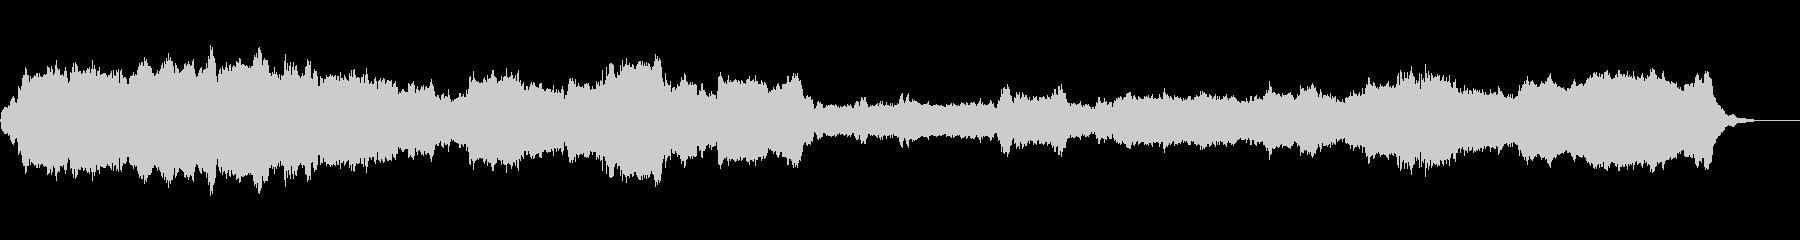 アメージンググレース(パイプオルガン)の未再生の波形